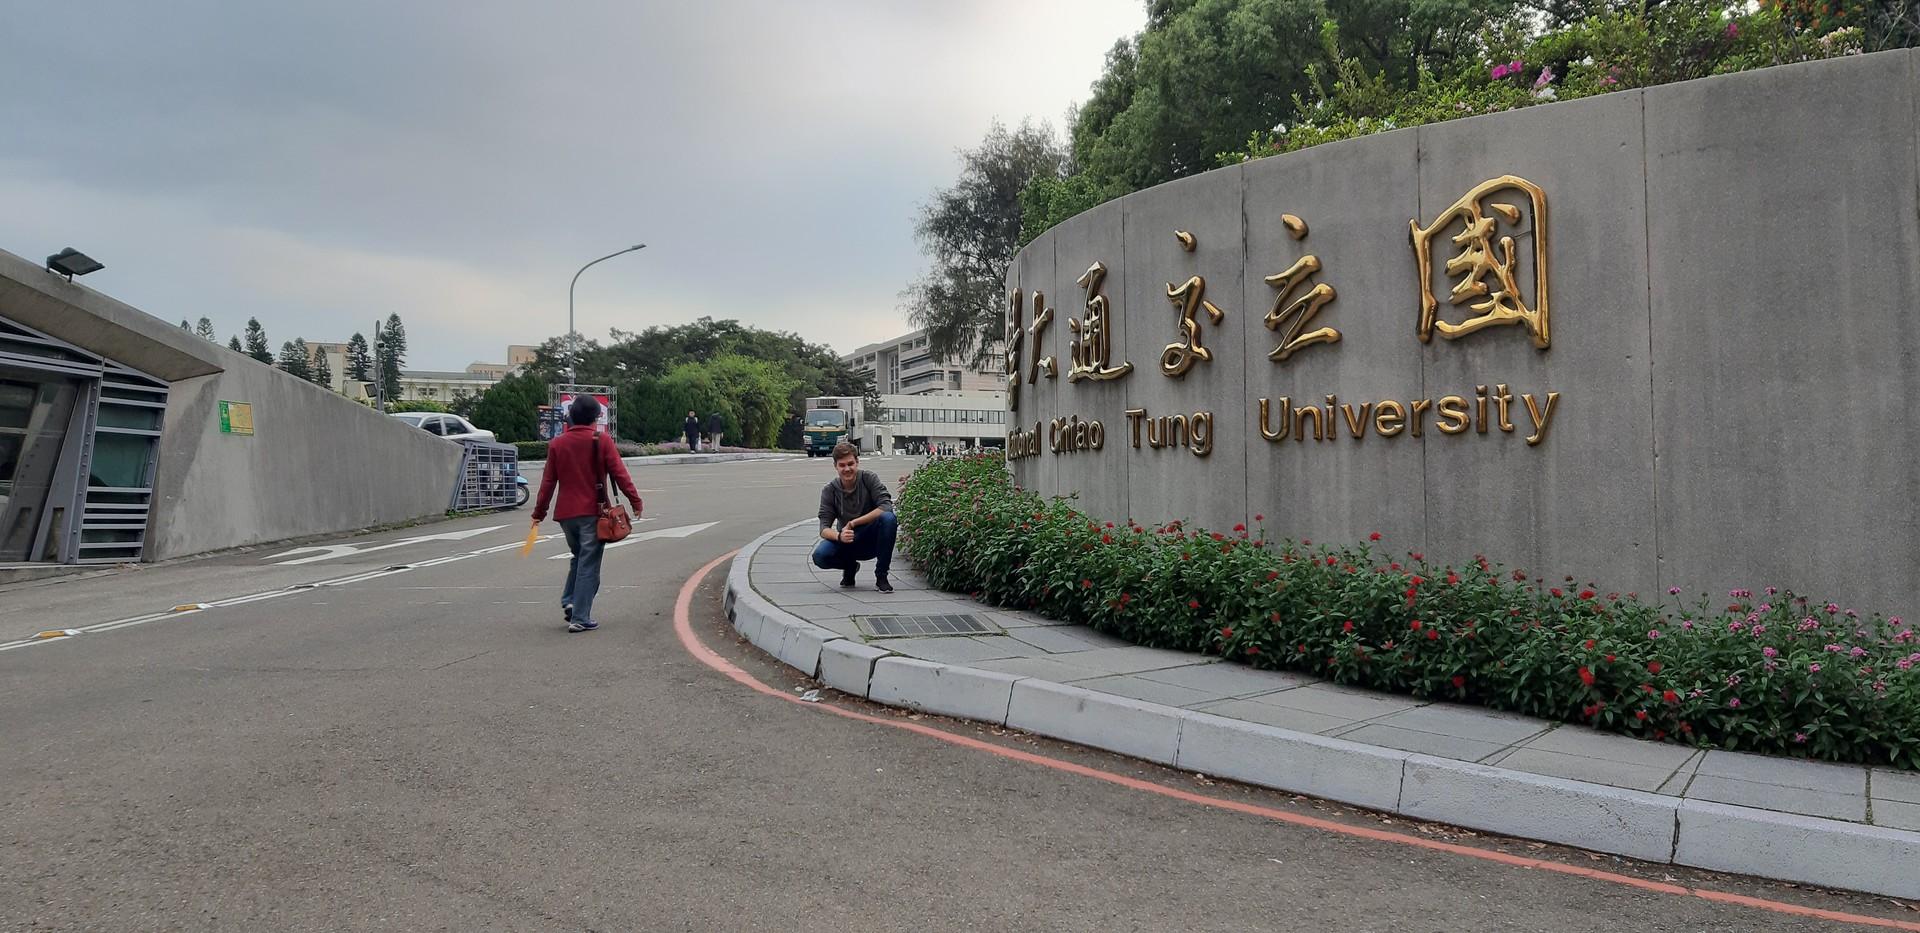 National Chiao Tung University & Accomodation